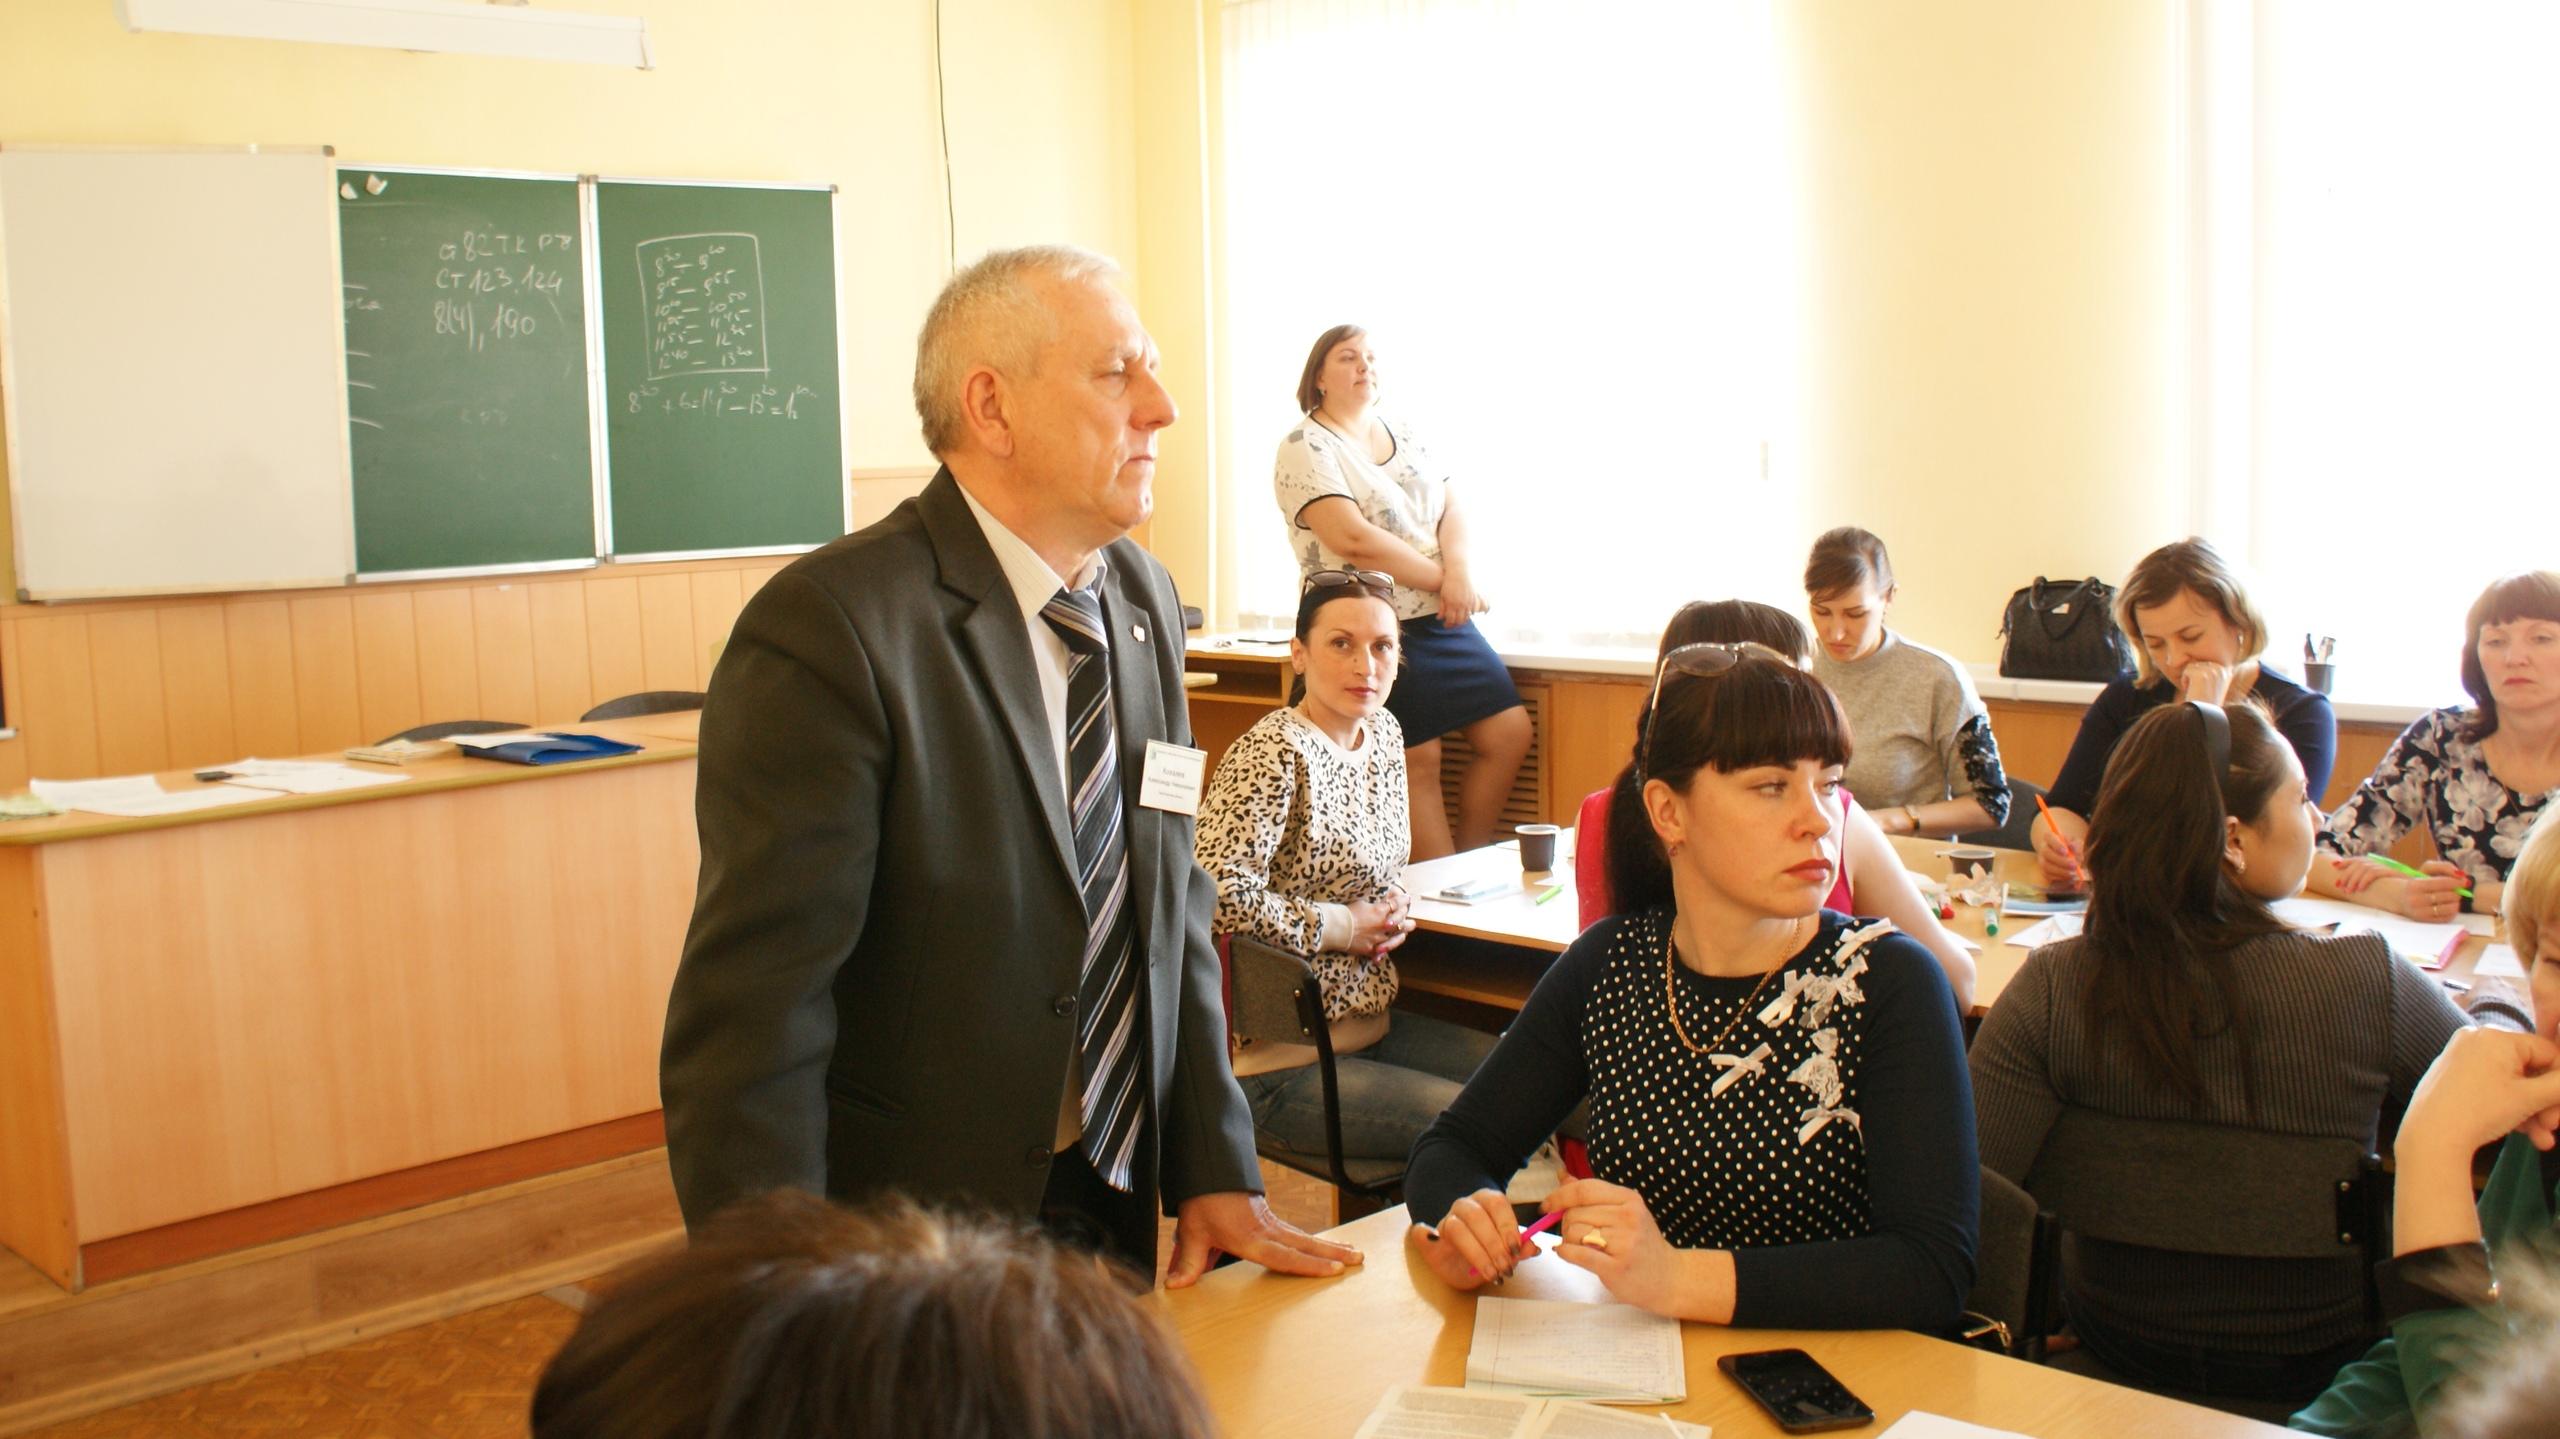 Правовой инспектор труда Ковалёв Александр Николаевич на семинаре для председателей первичных организаций